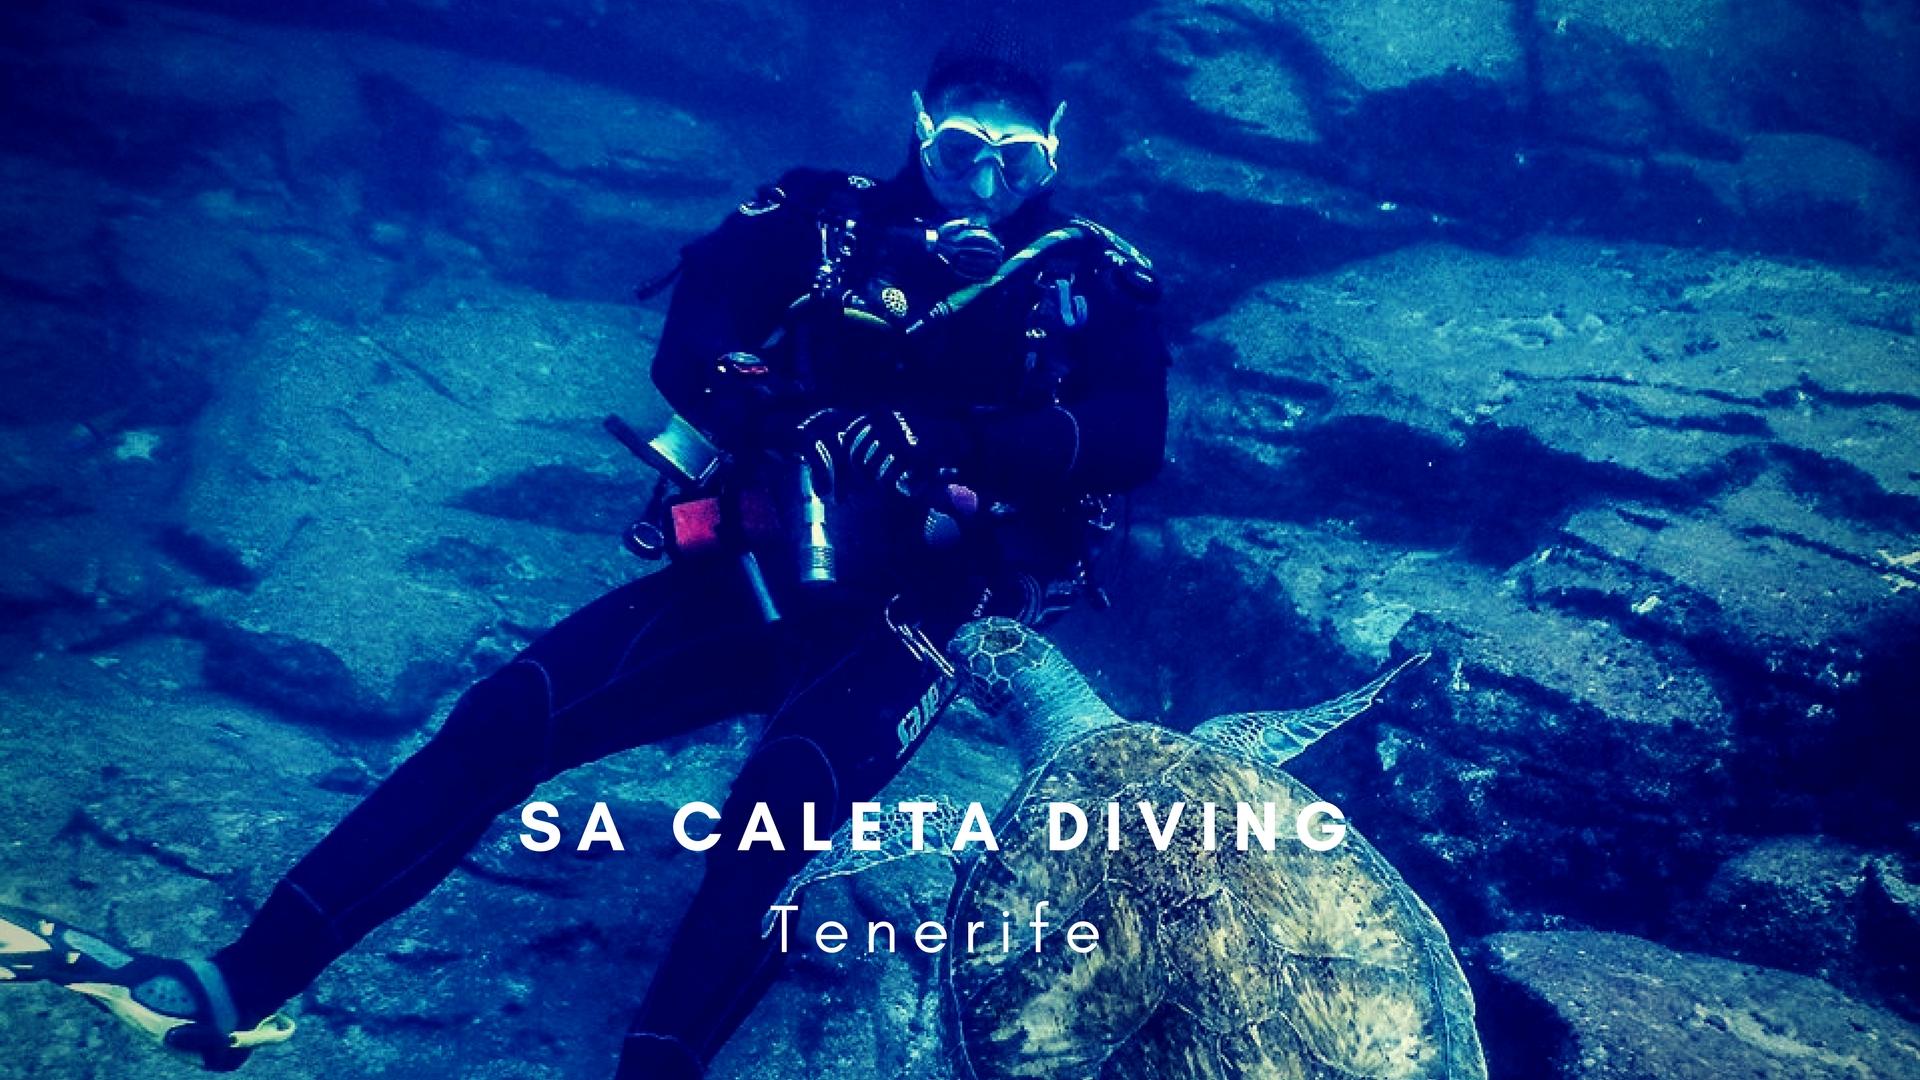 Sa Caleta Diving Tenerife